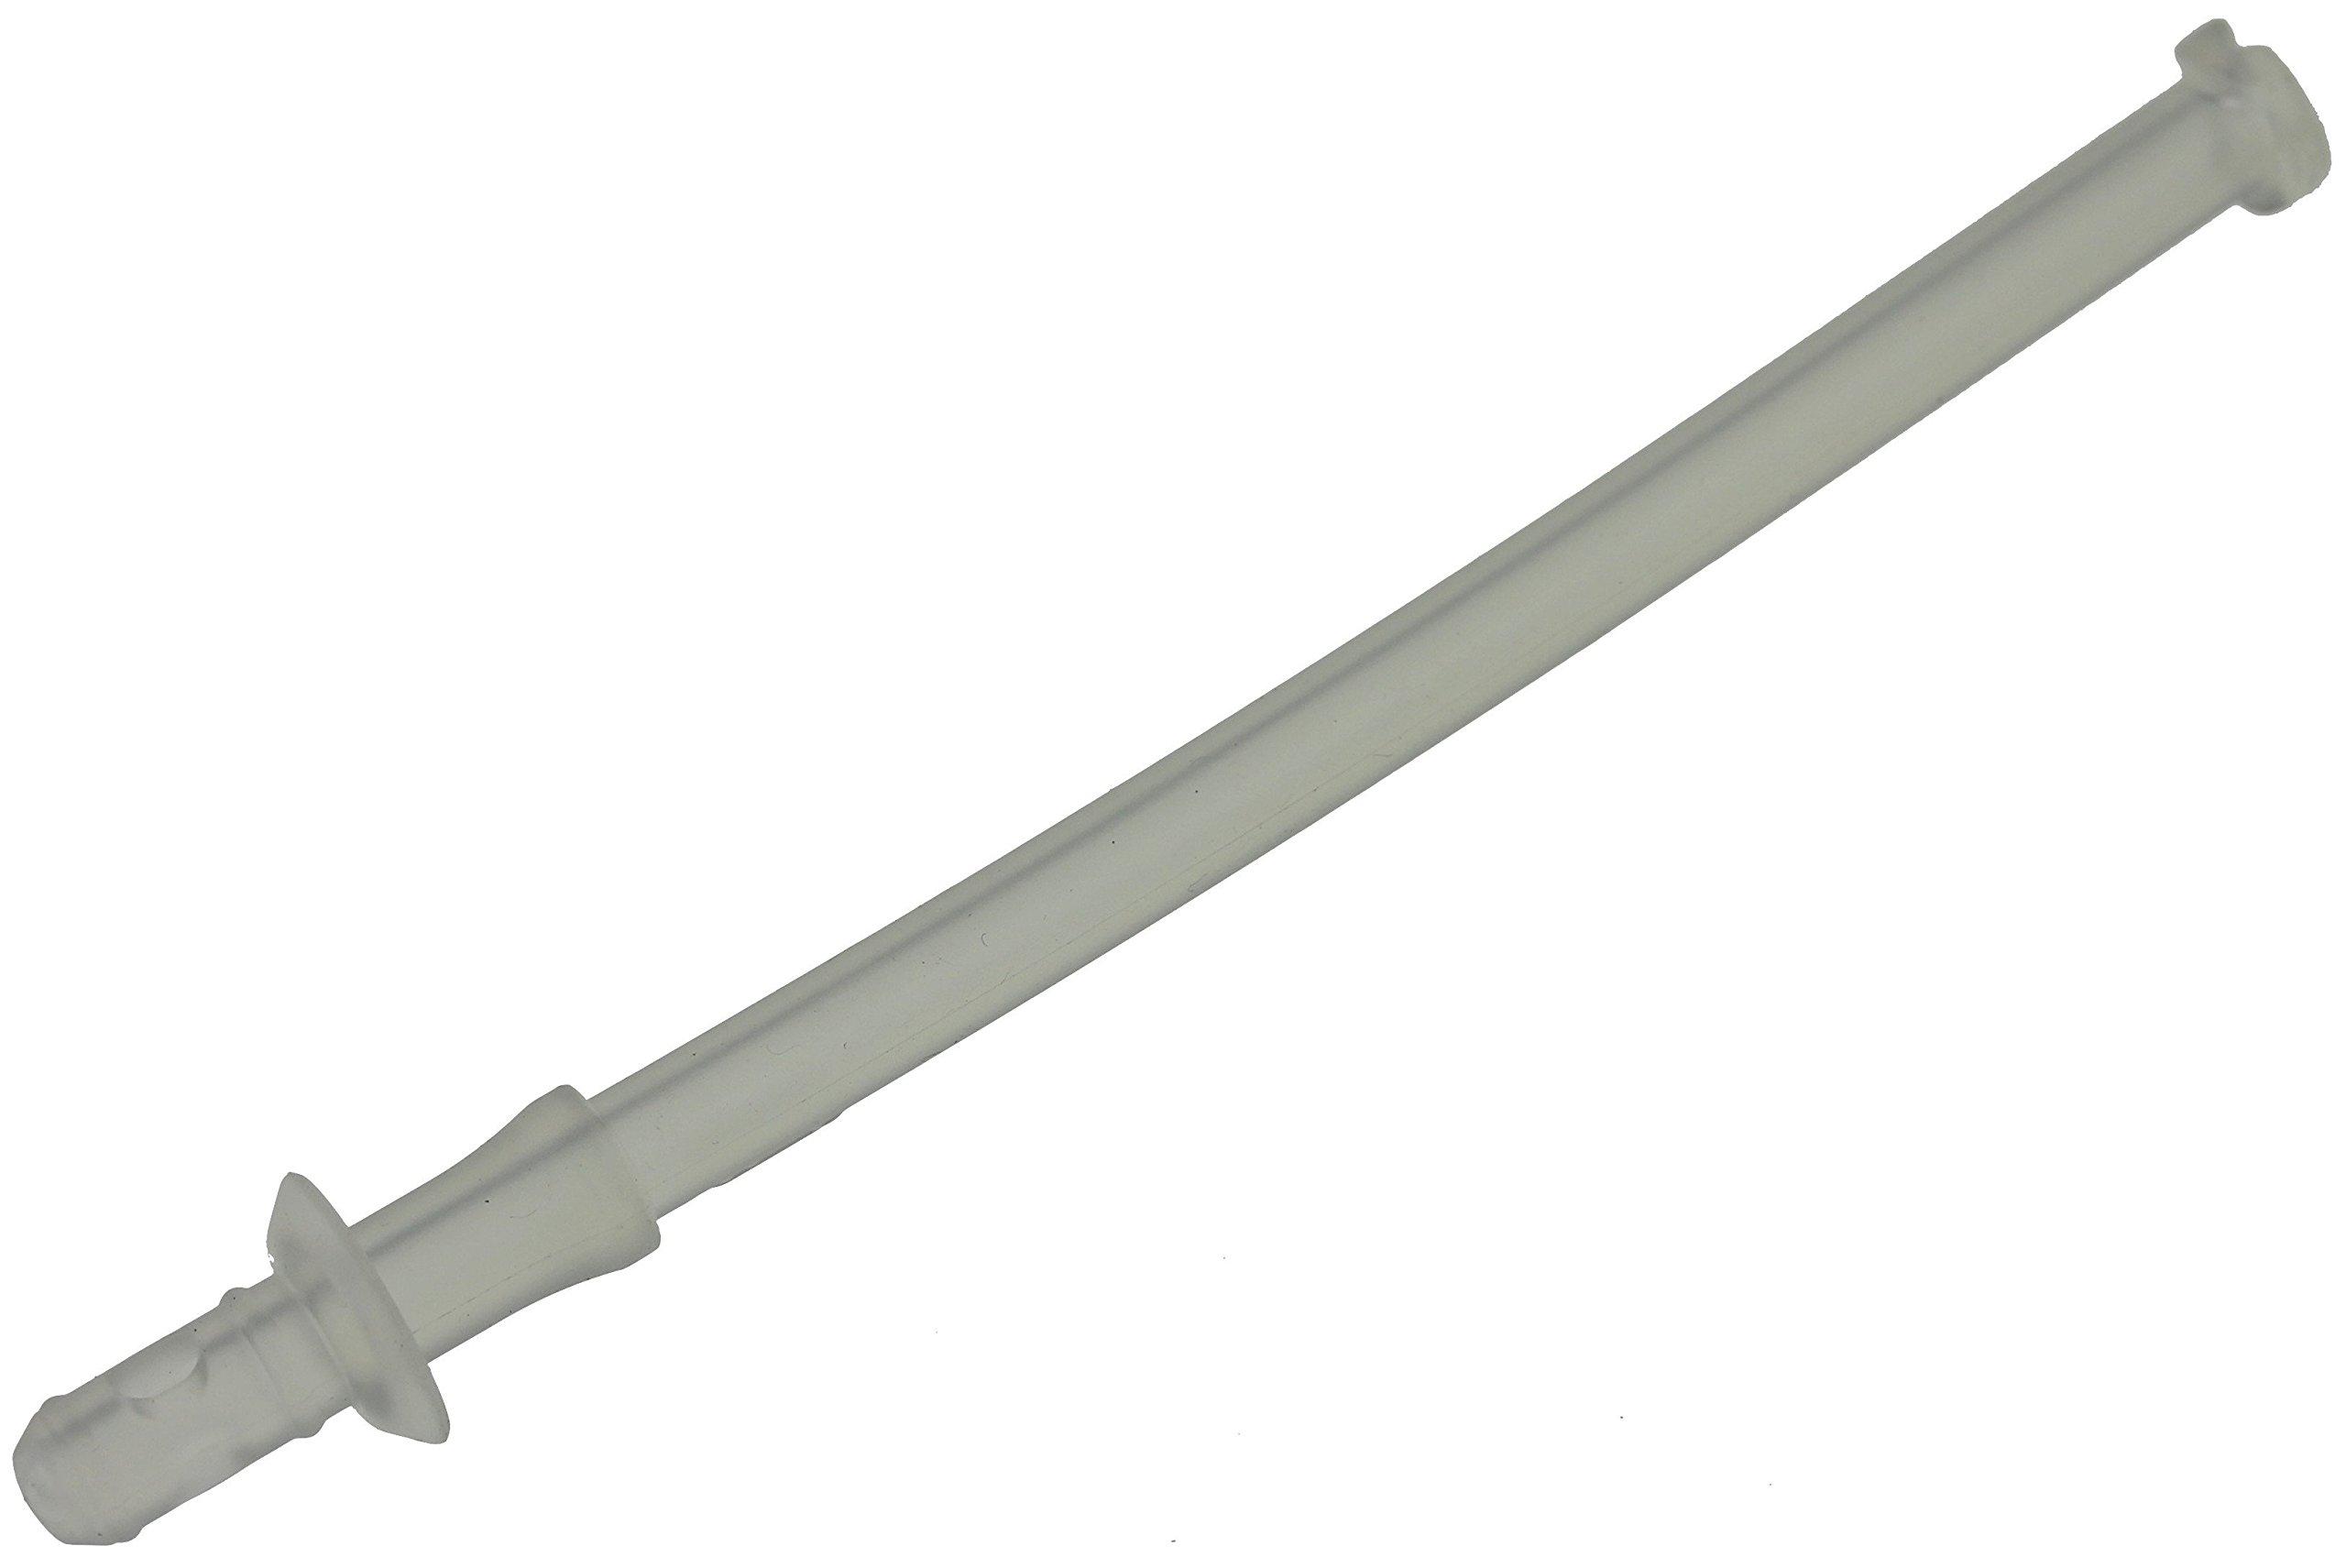 DeLonghi milk suction tube for EN750 Lattissima Pro Nespresso machine, 5313235381